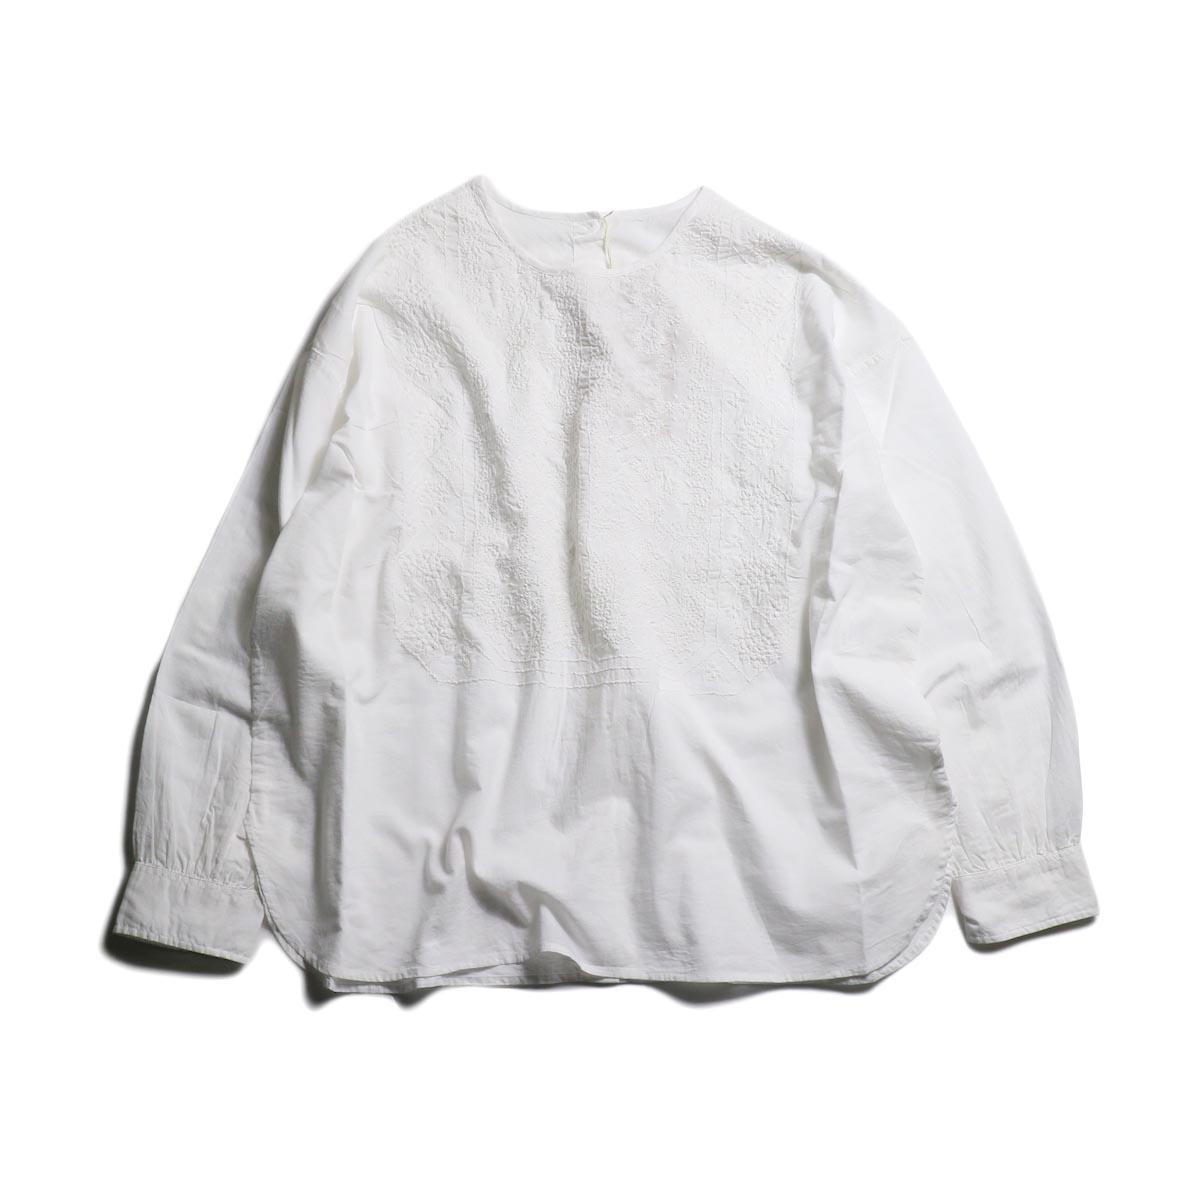 maison de soil / Back Opening Crew Neck EMB Shirt -White